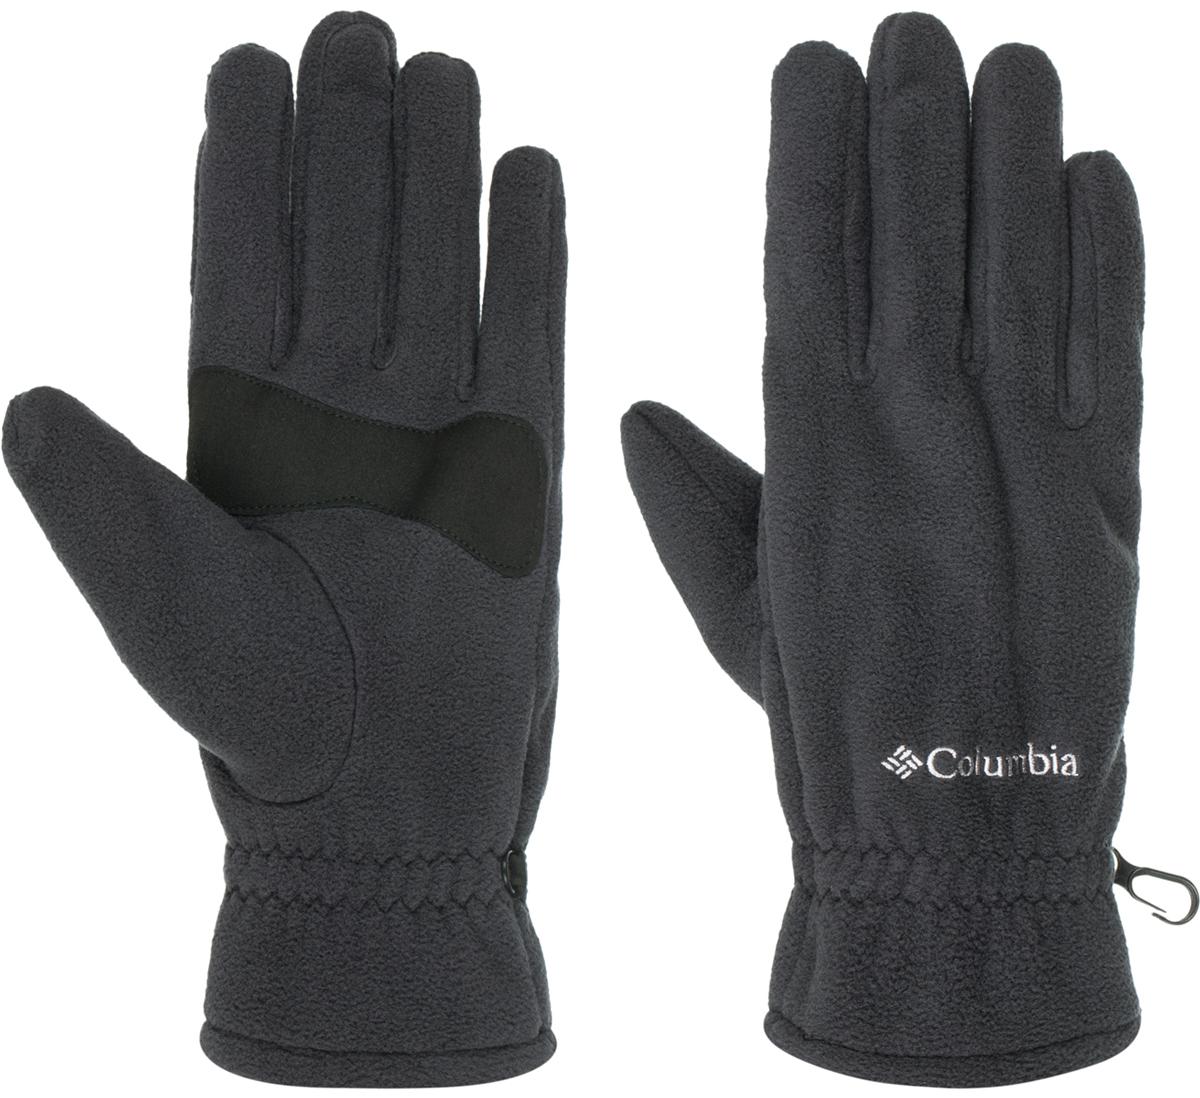 Перчатки мужские Columbia Thermarator Glove, цвет: черный. 1555851-010. Размер XL (10/11)1555851-010Флисовые перчатки идеально подойдут для активного отдыха в холодное время года. Уникальная технология Omni-Heat сохраняет собственное тепло человека, отражая его с помощью серебристых точек, а излишняя влага отводится наружу. Текстурированное укрепление ладони и пальцев в местах наибольшего трения защищают перчатки от истирания.